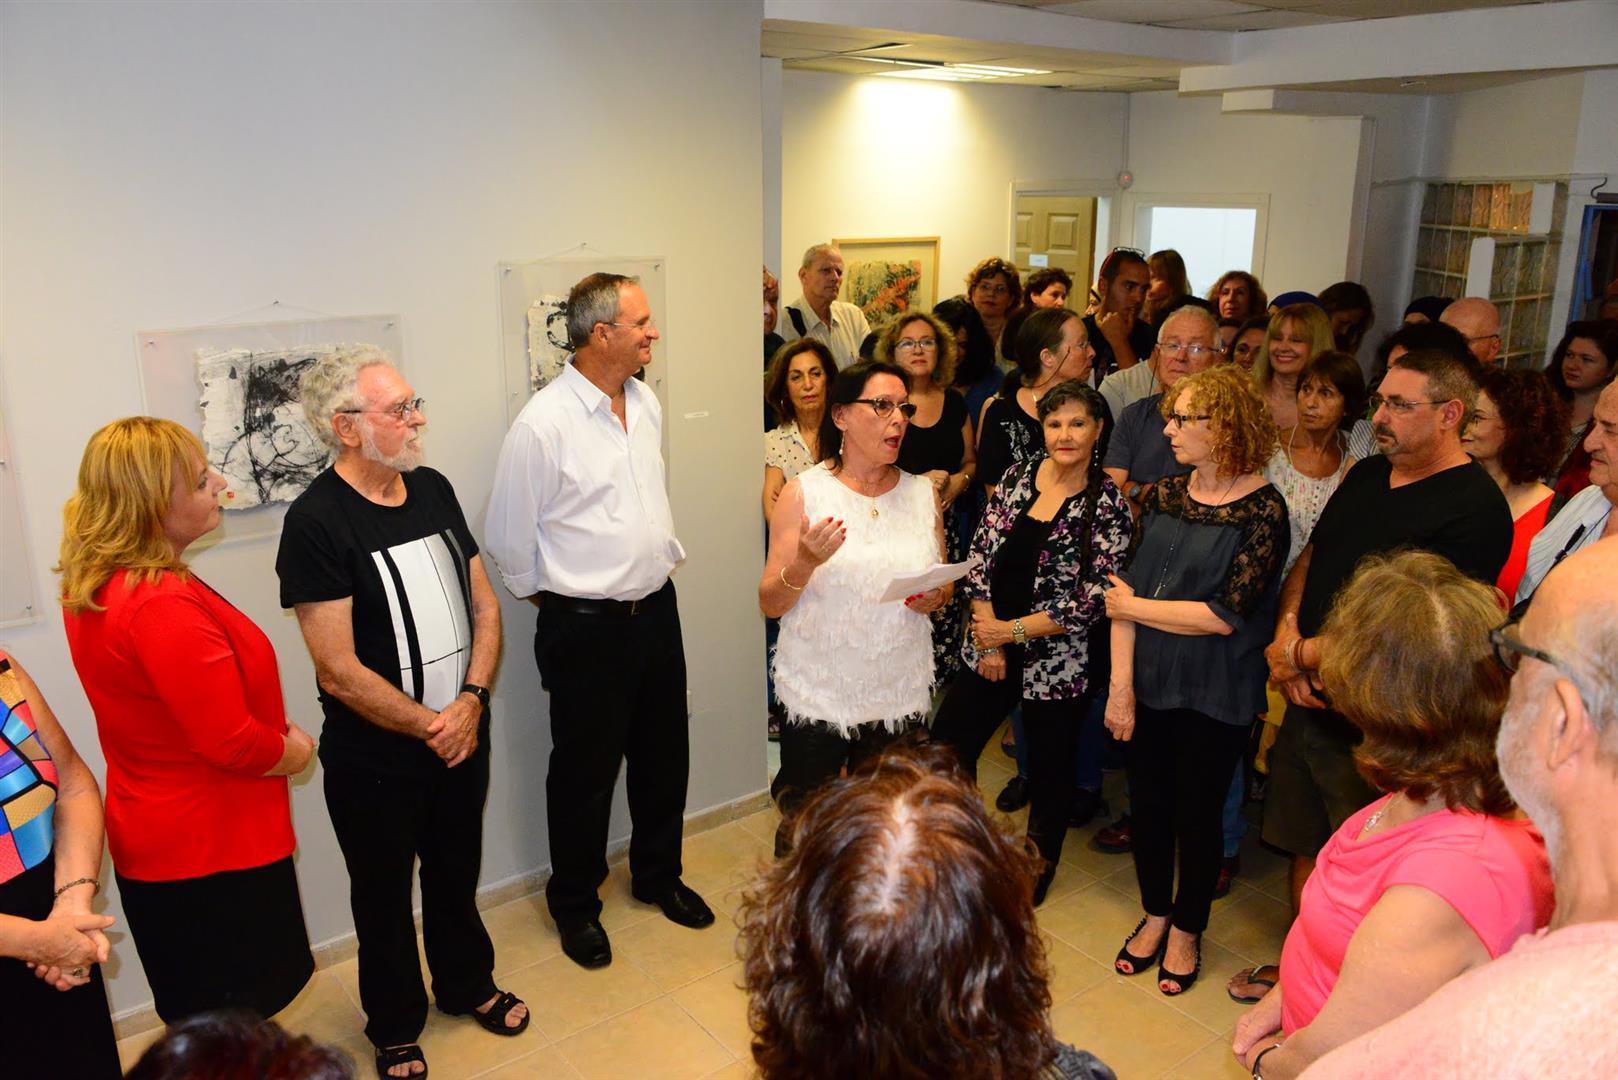 אוצרת התערוכה תמי קידר מברכת בדברי פתיחה את האמנים והאורחים